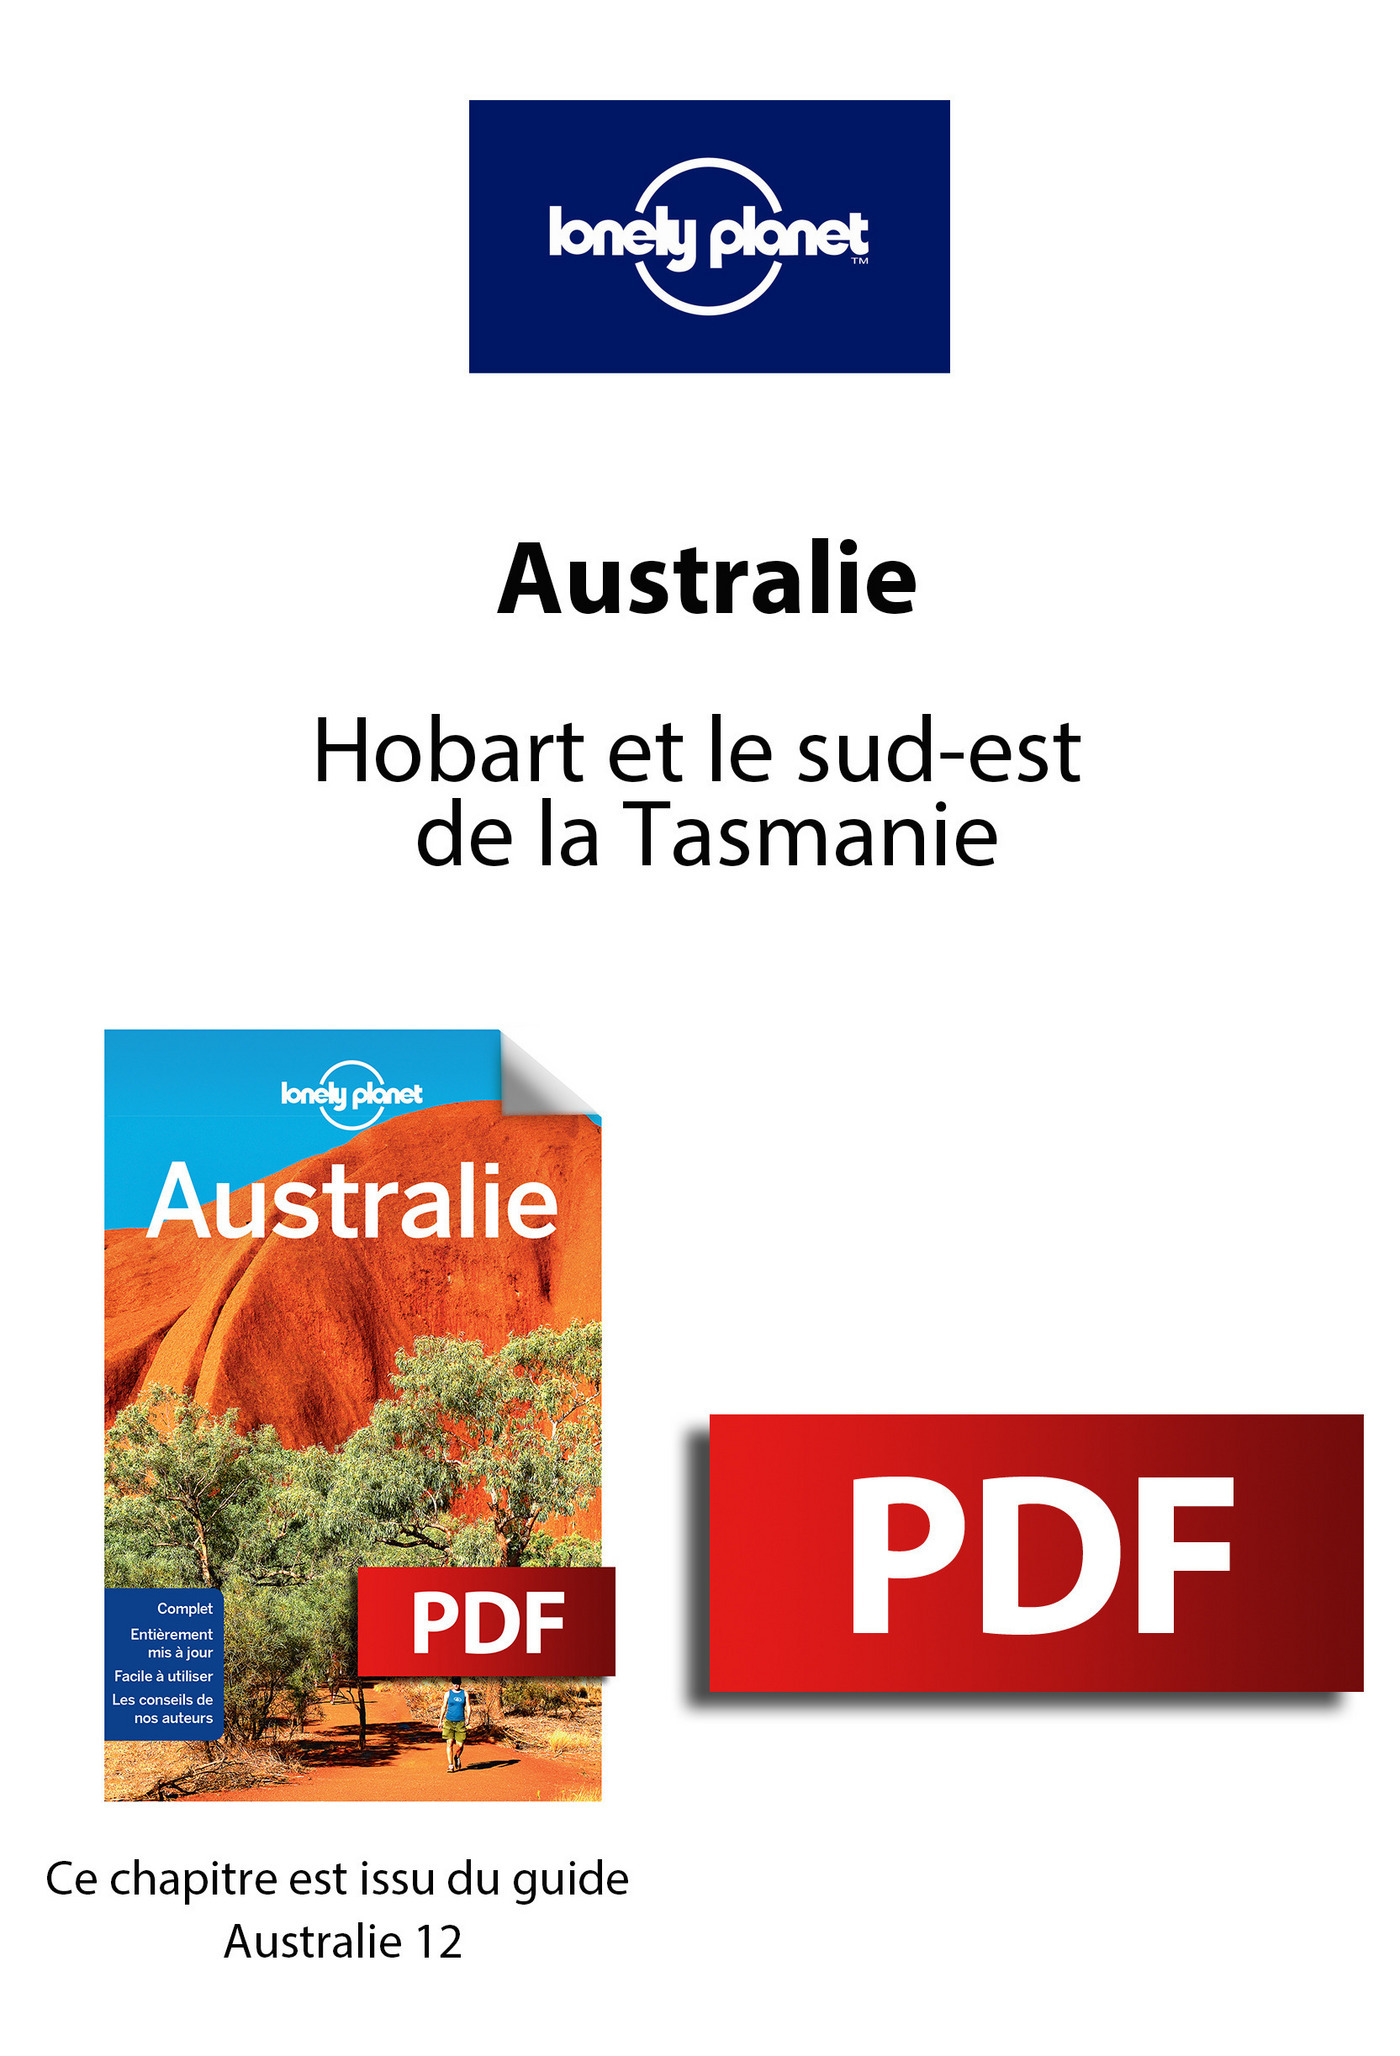 Australie - Hobart et le sud-est de la Tasmanie